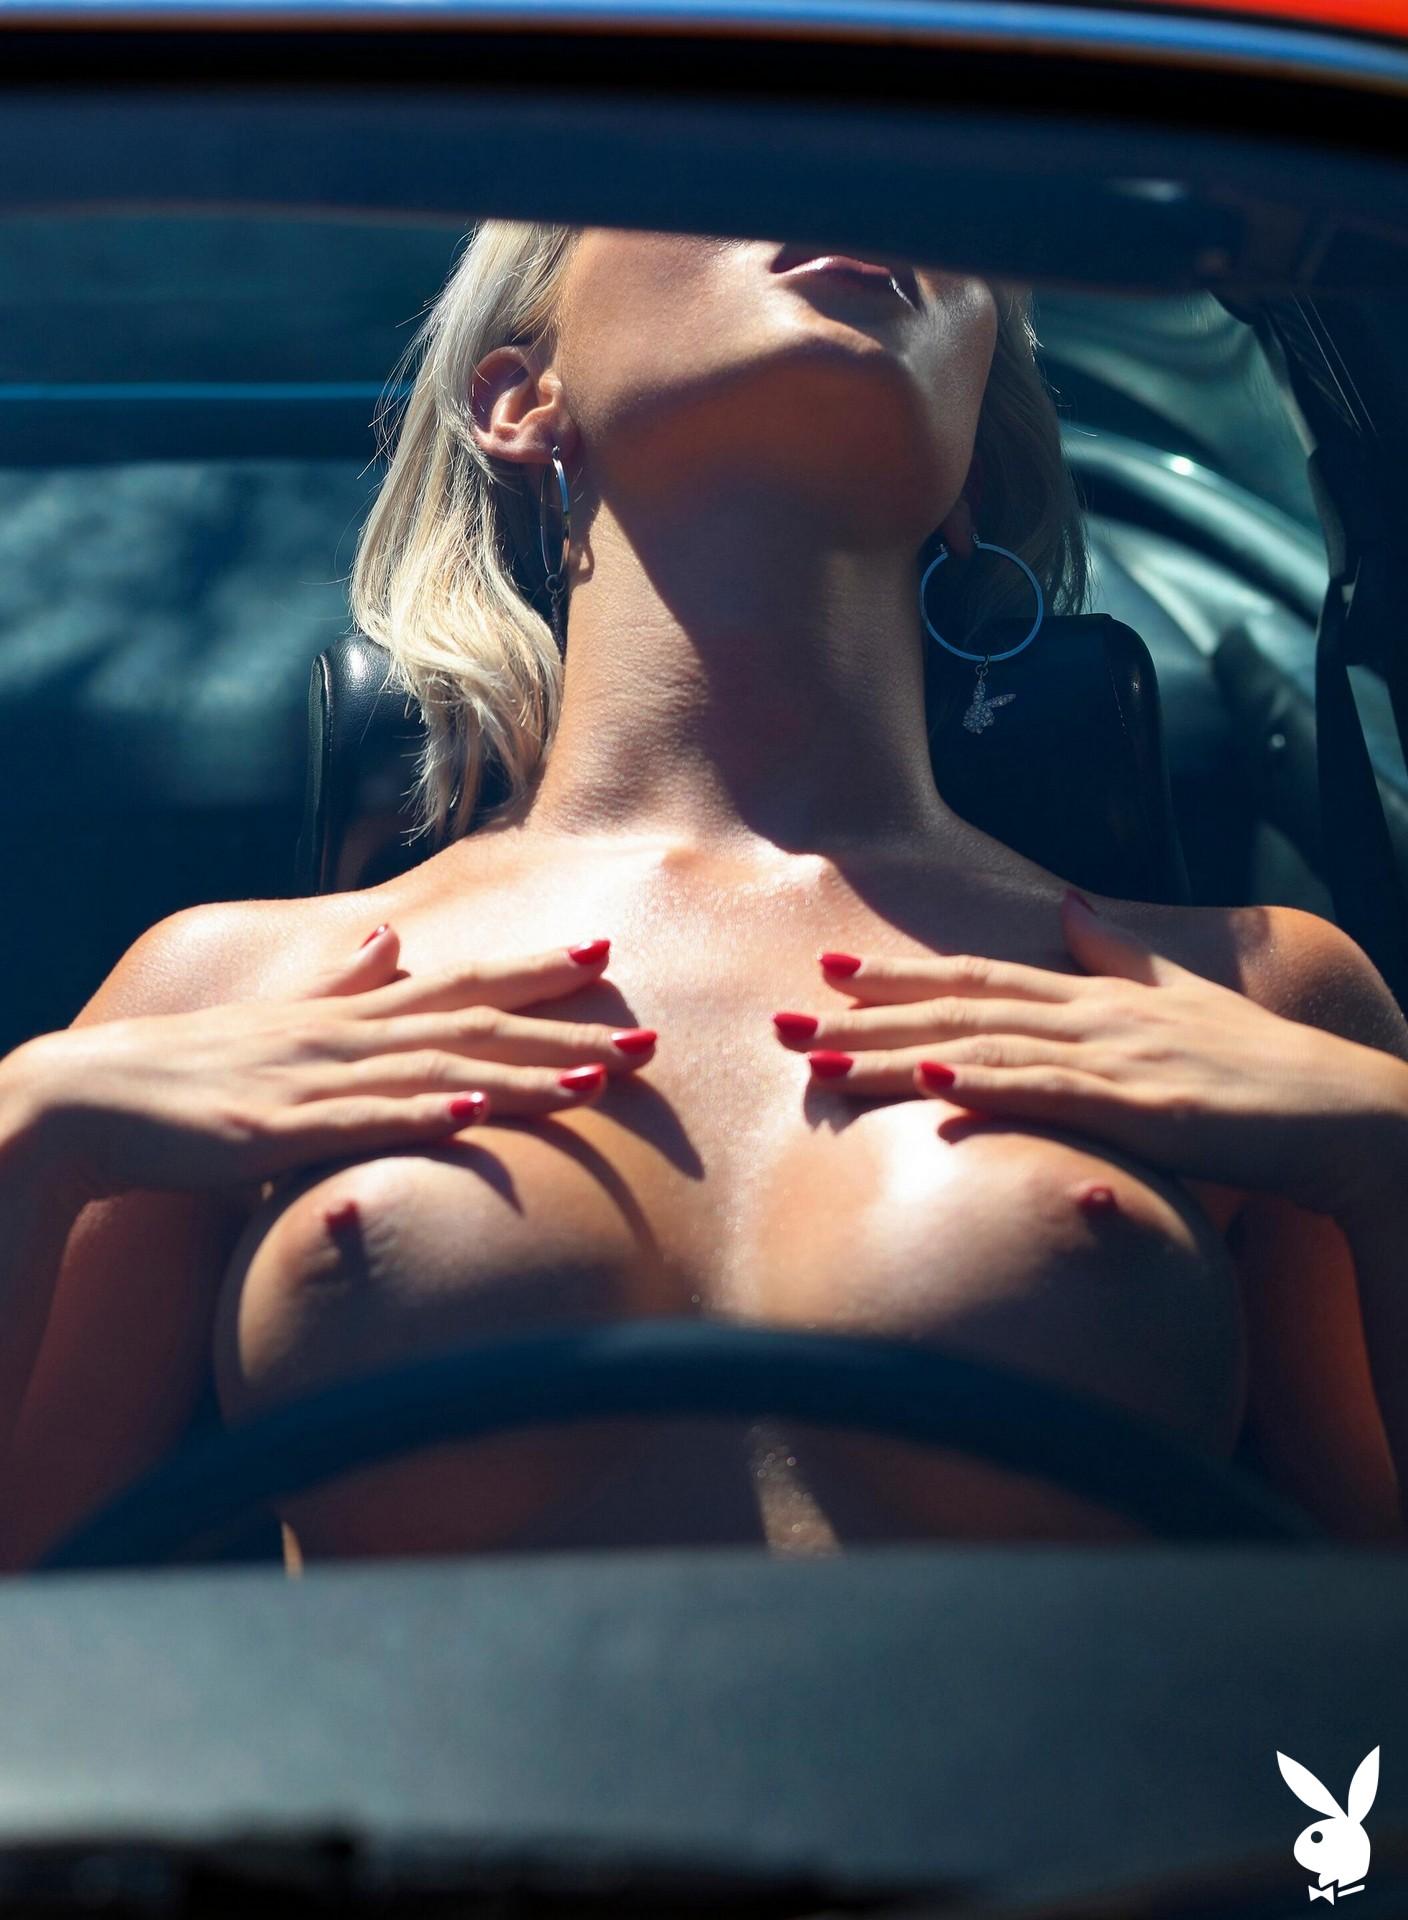 Amalie Olufsen For Playboy International Vol. 2 Playboy Plus (6)